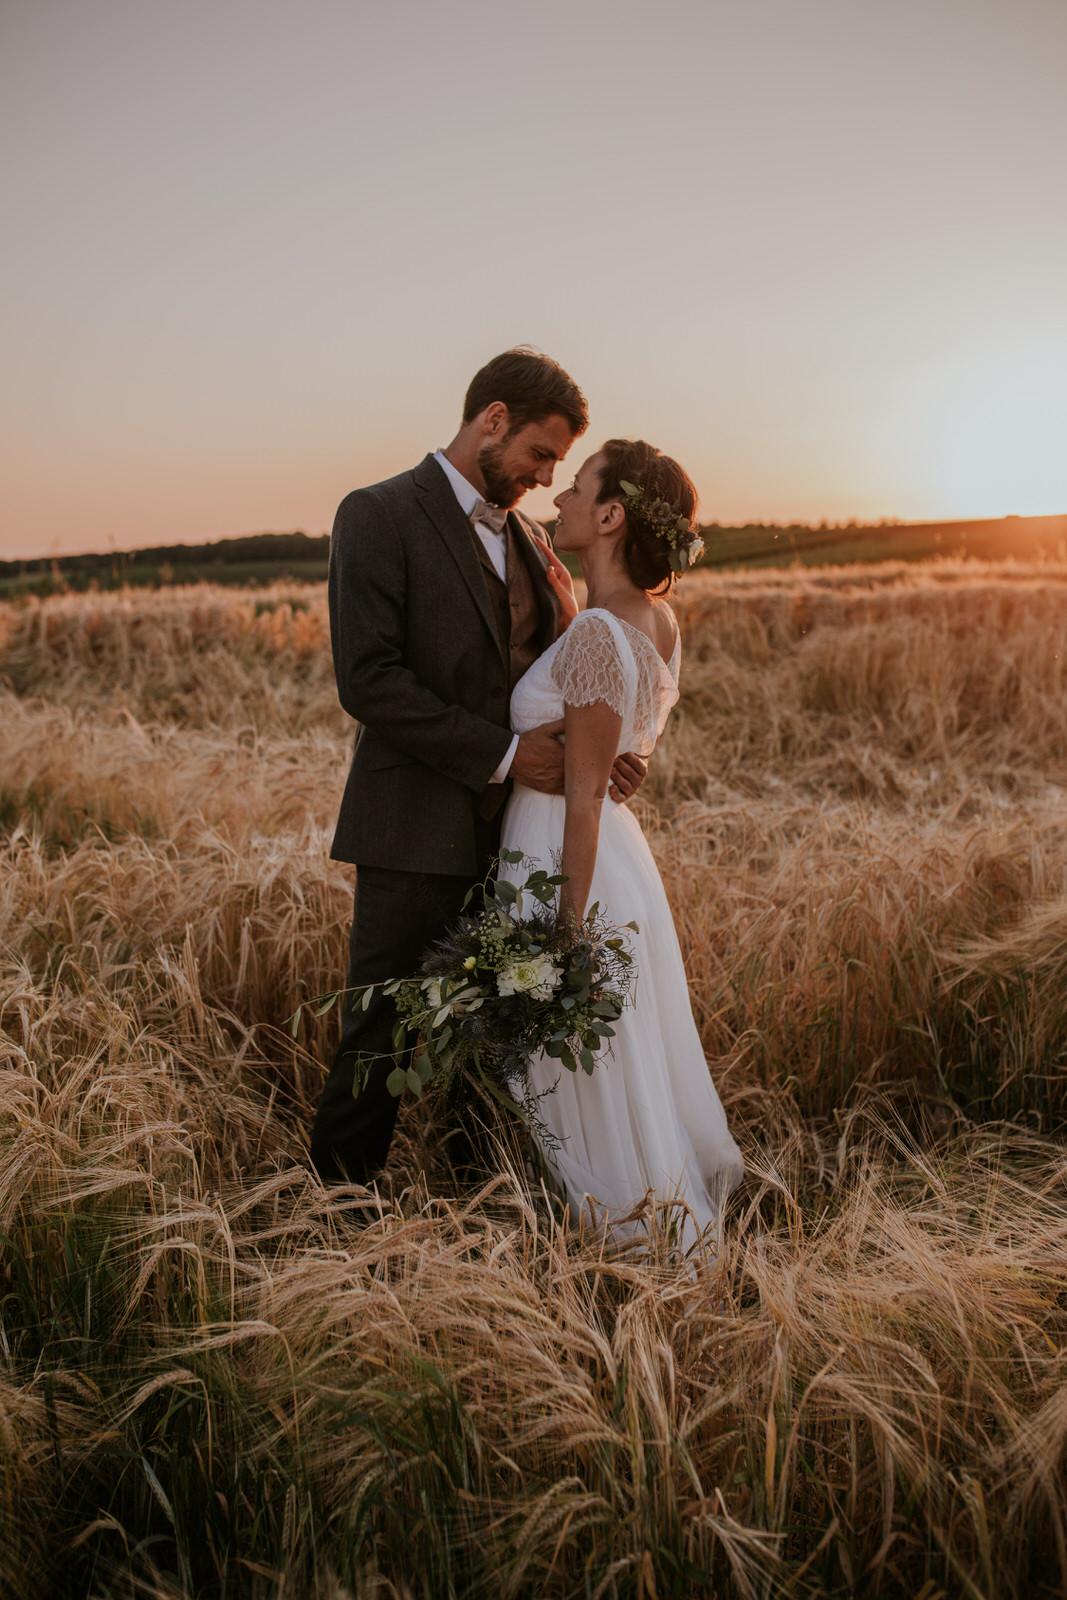 Hochzeit-Augenschmaus-und Gaumenfreuden-Hochzeitsfotograf-14